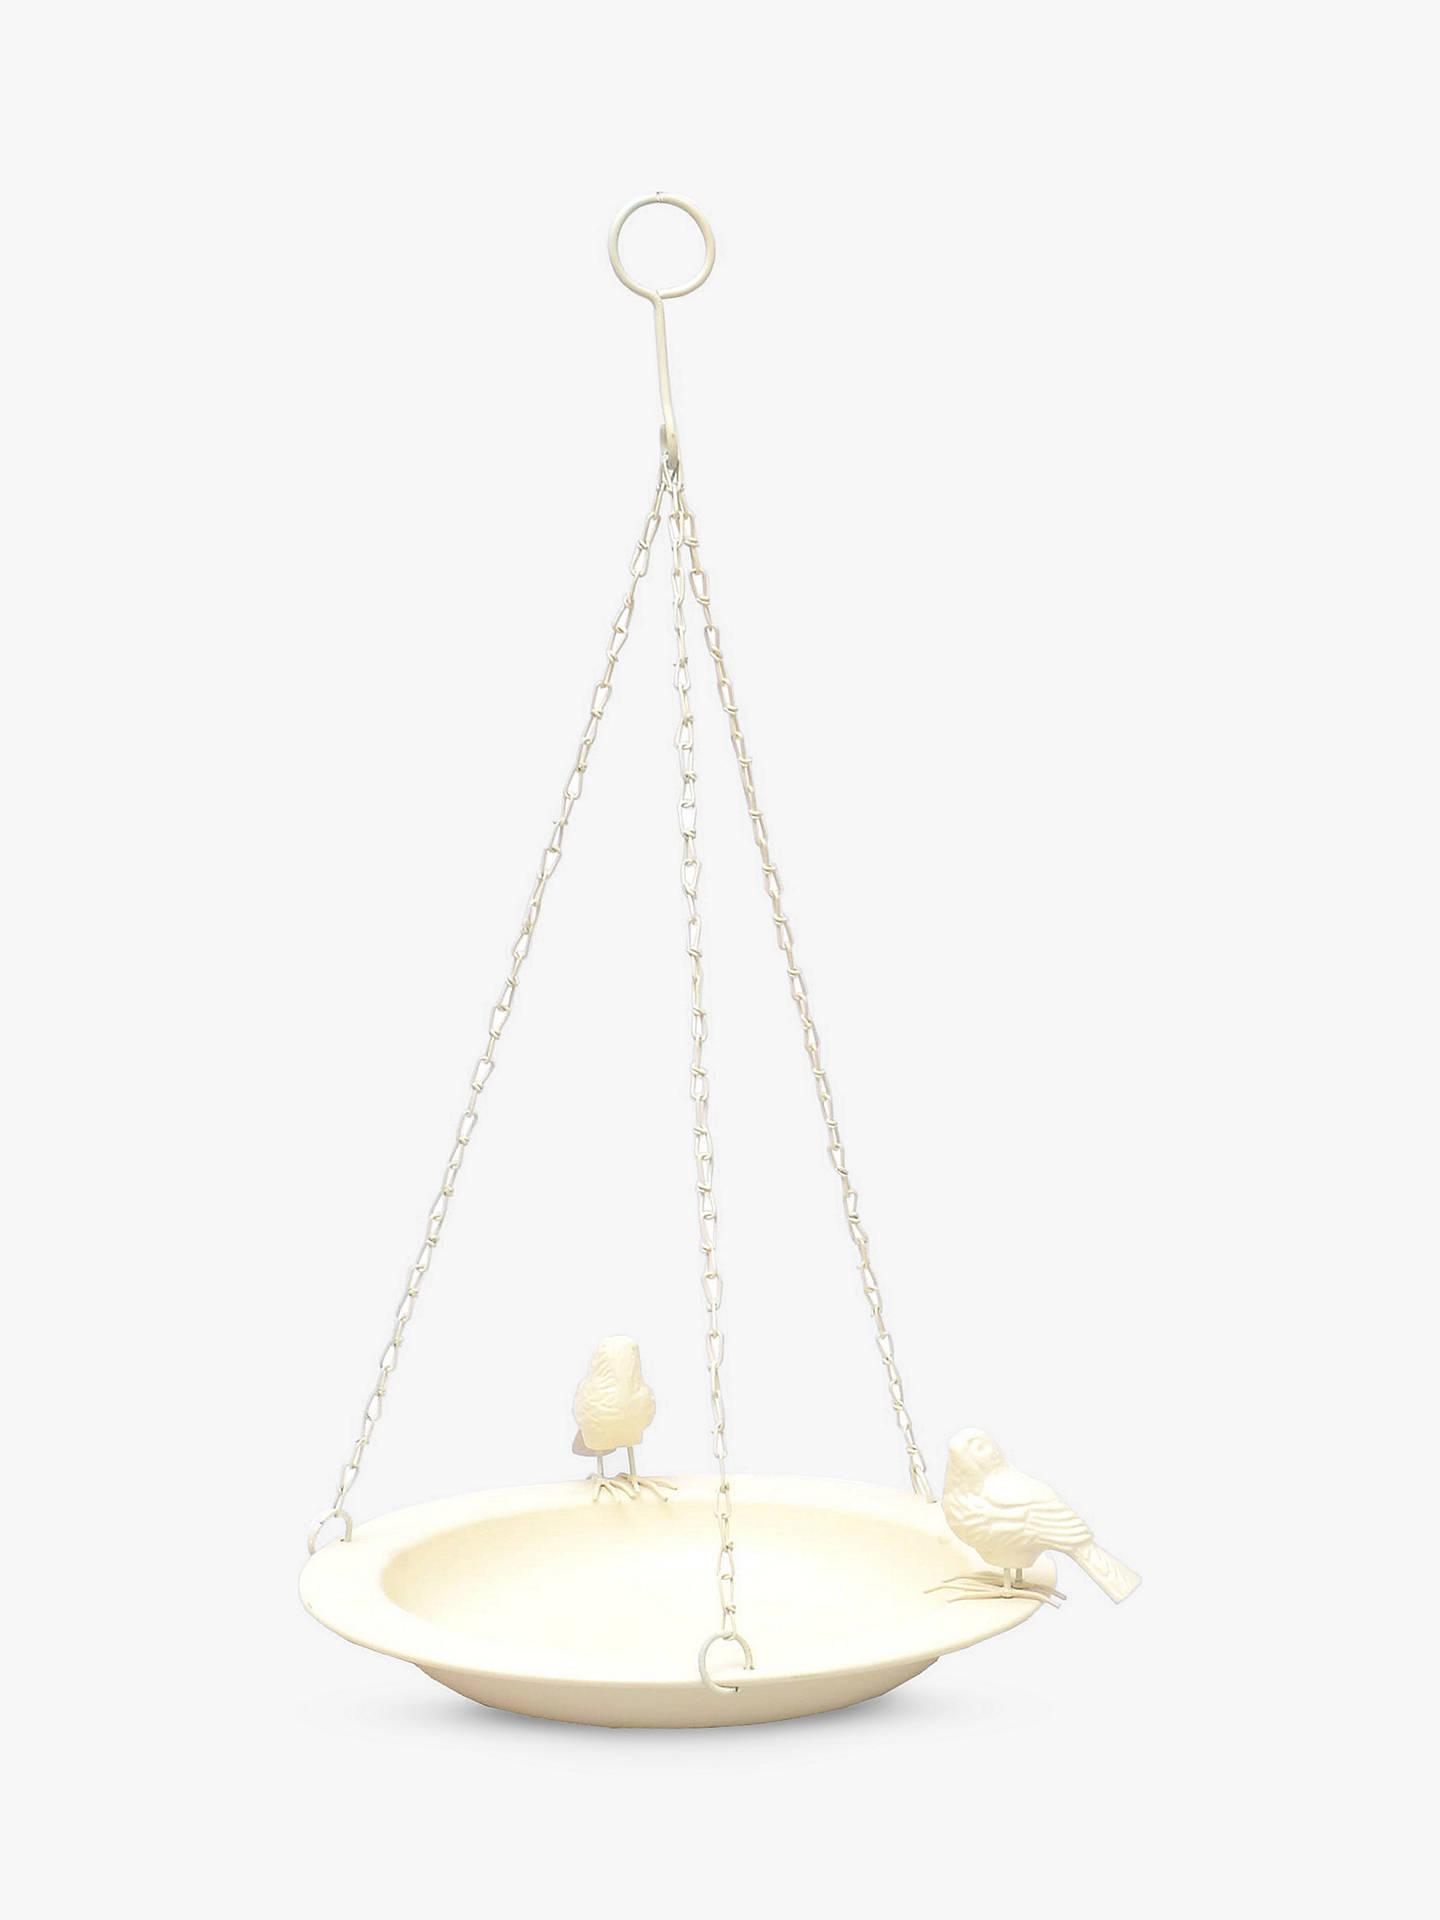 Ivyline Cast Iron Hanging Bird Bath, Cream by Ivyline